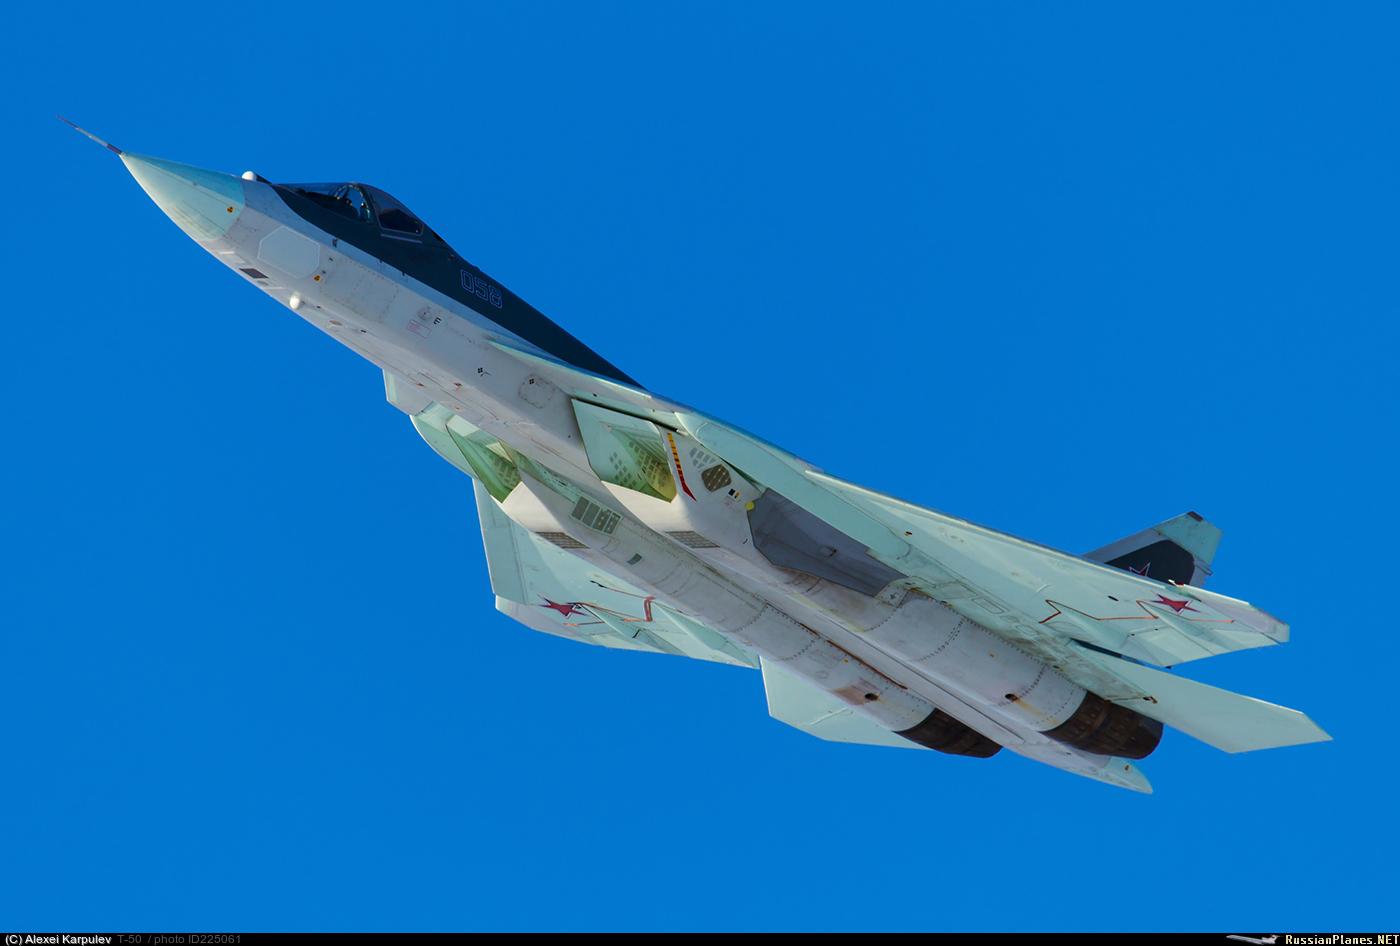 Контракт на первые 12 серийных истребителей Су-57 установочной партии будет заключен в 2018 году